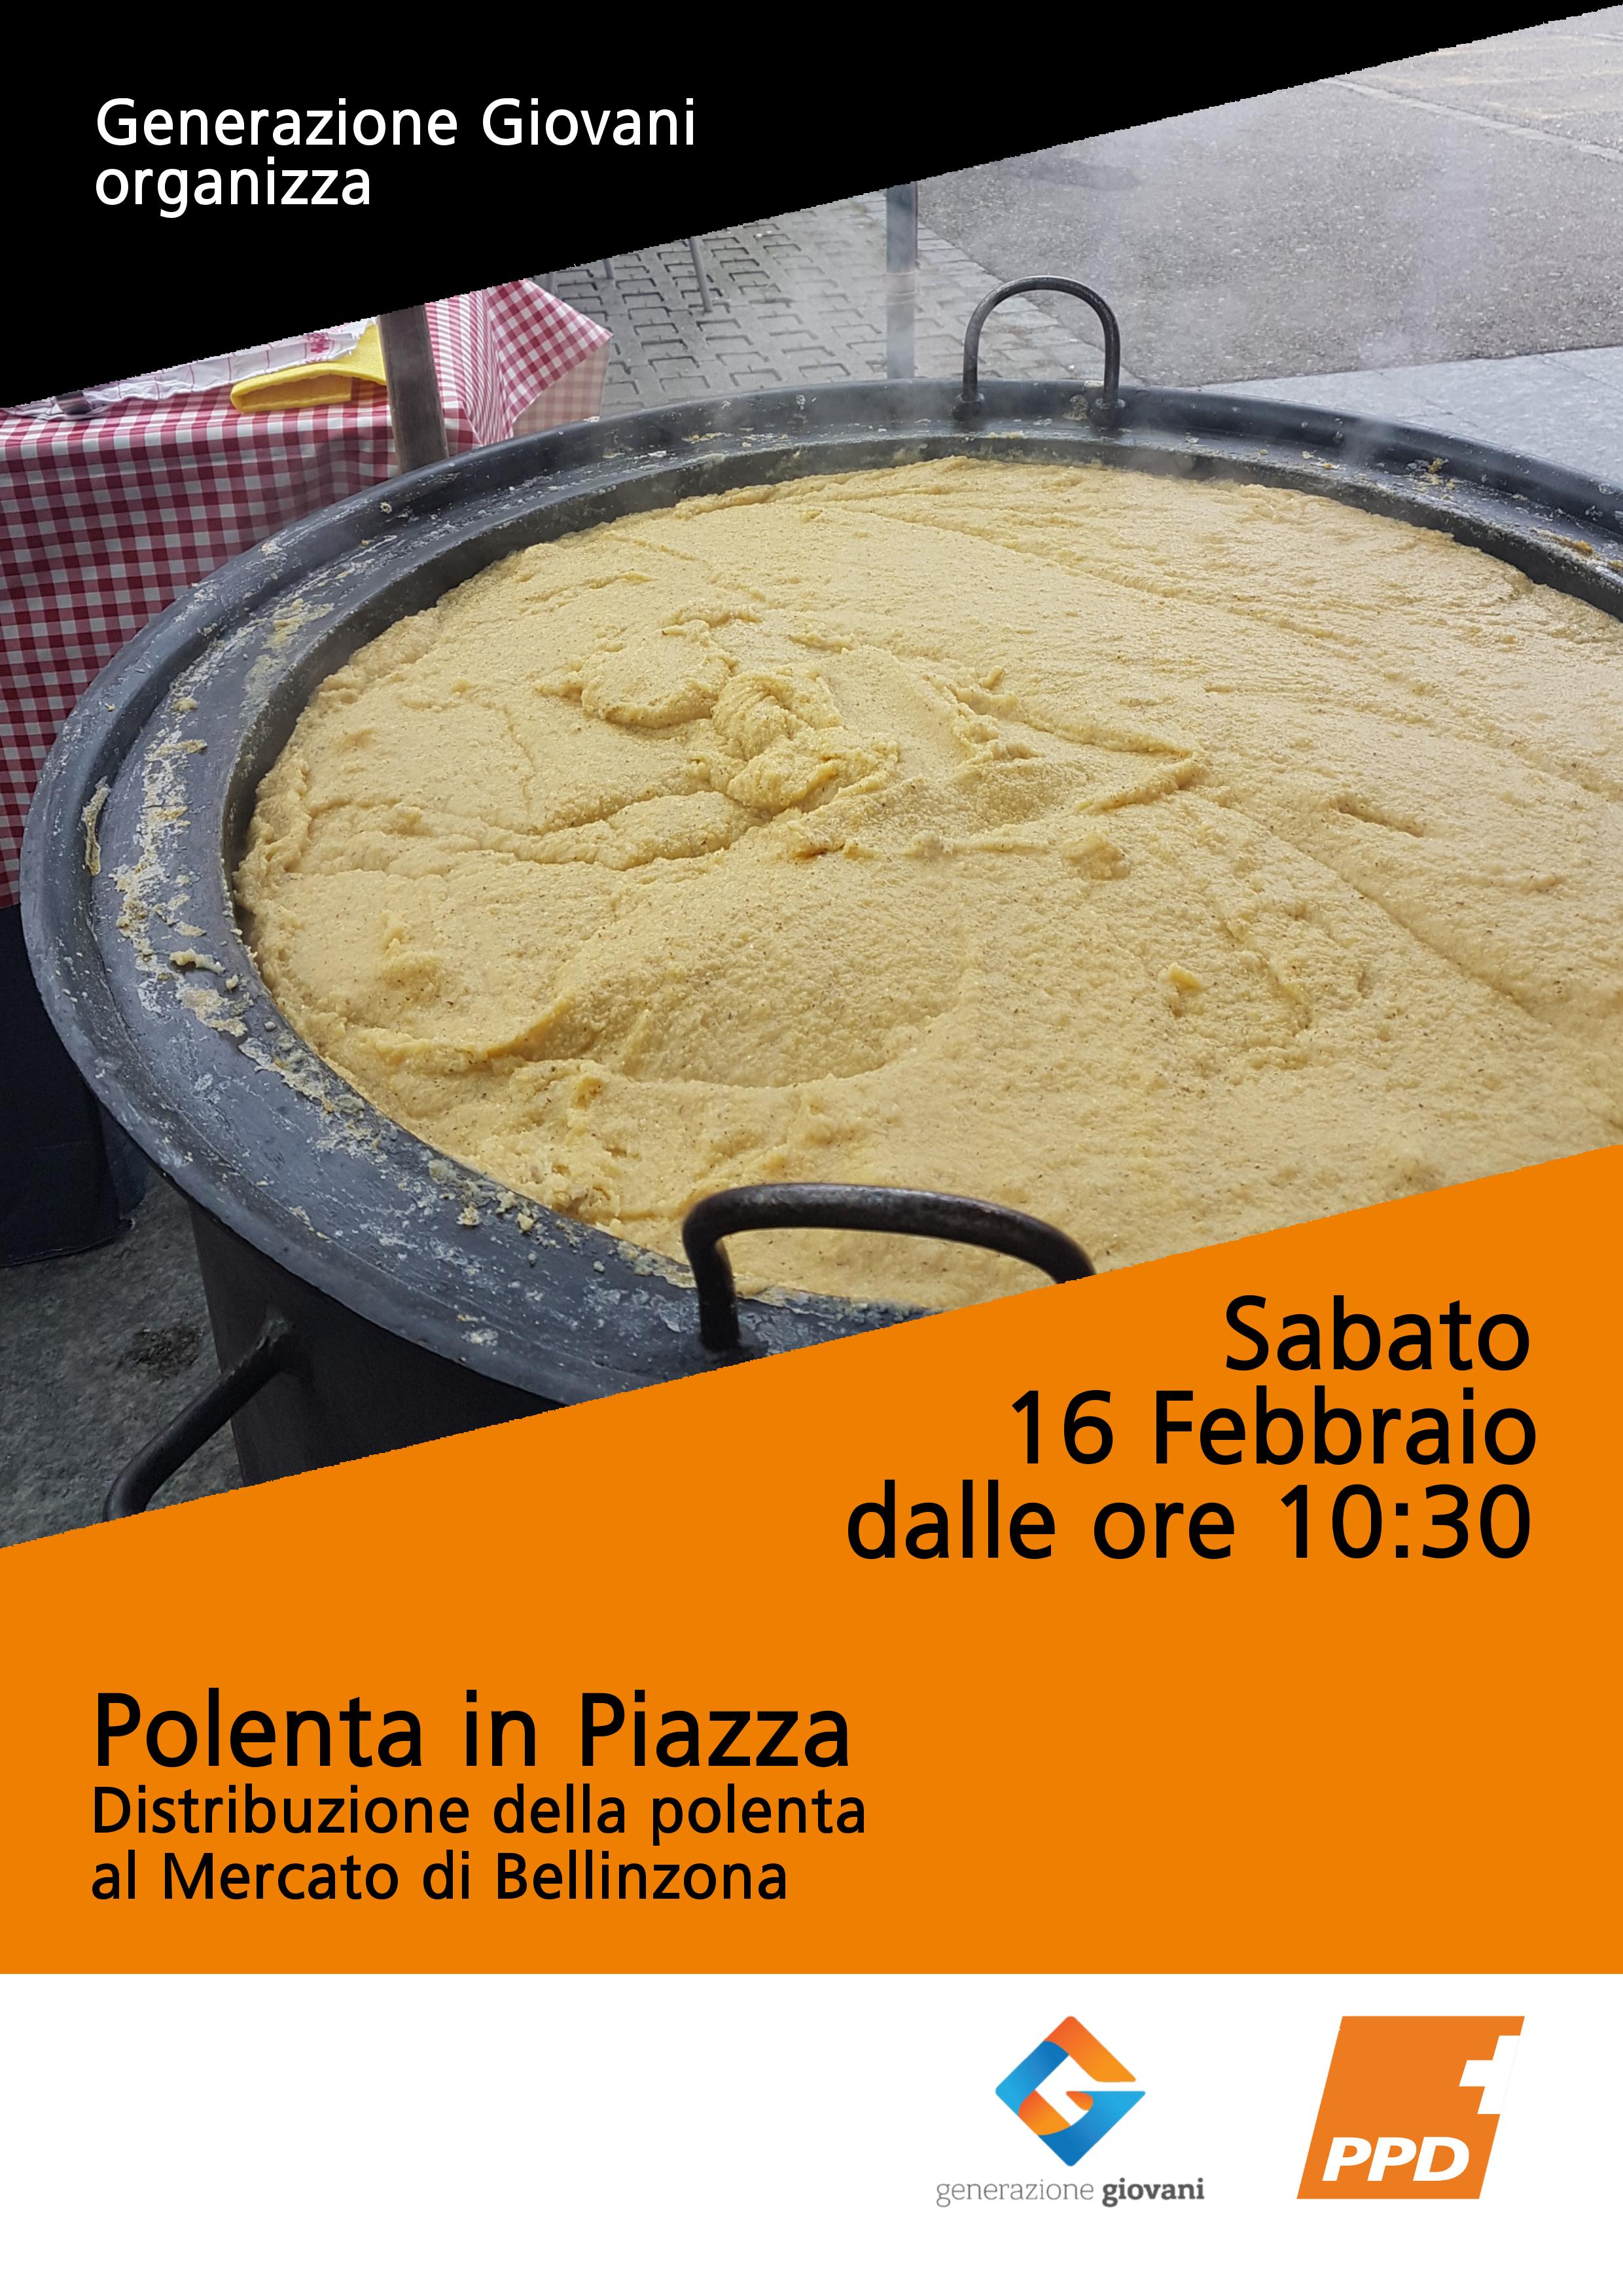 Volantino Polenta al mercato-GG organizza.png